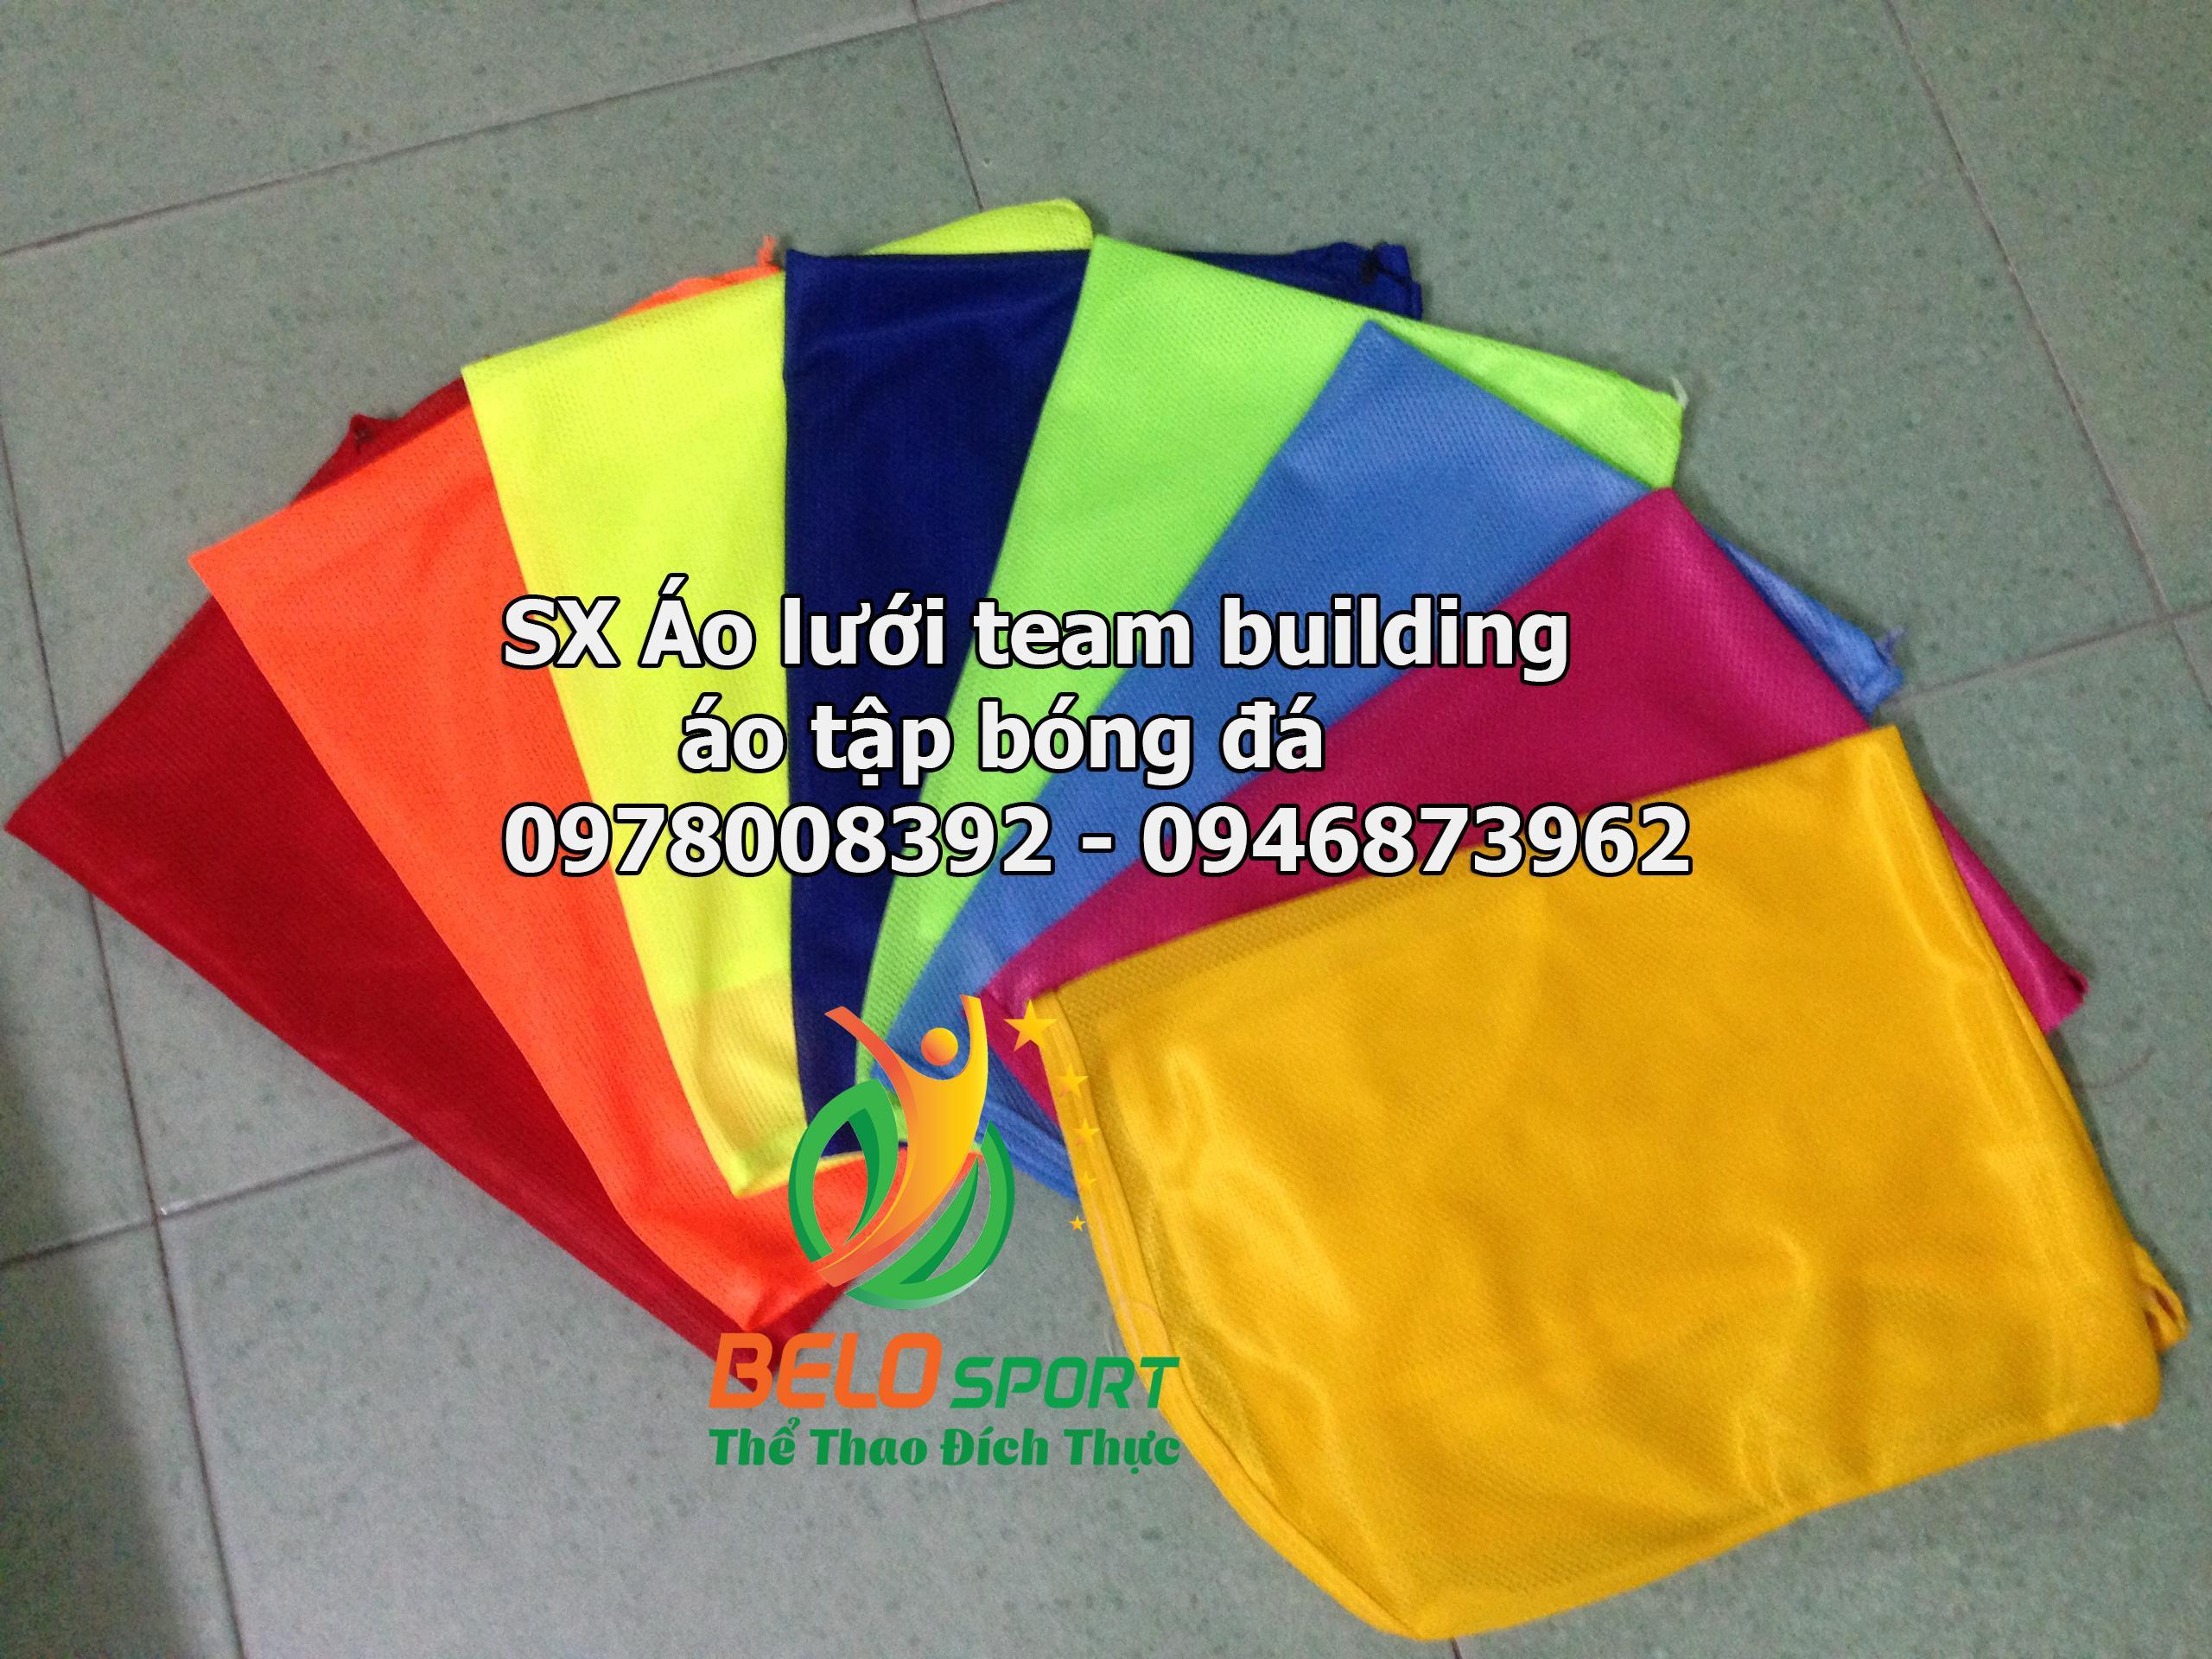 ao-luoi-tap-bong-da-ao-luoi-team-building-gia-15k.jpg